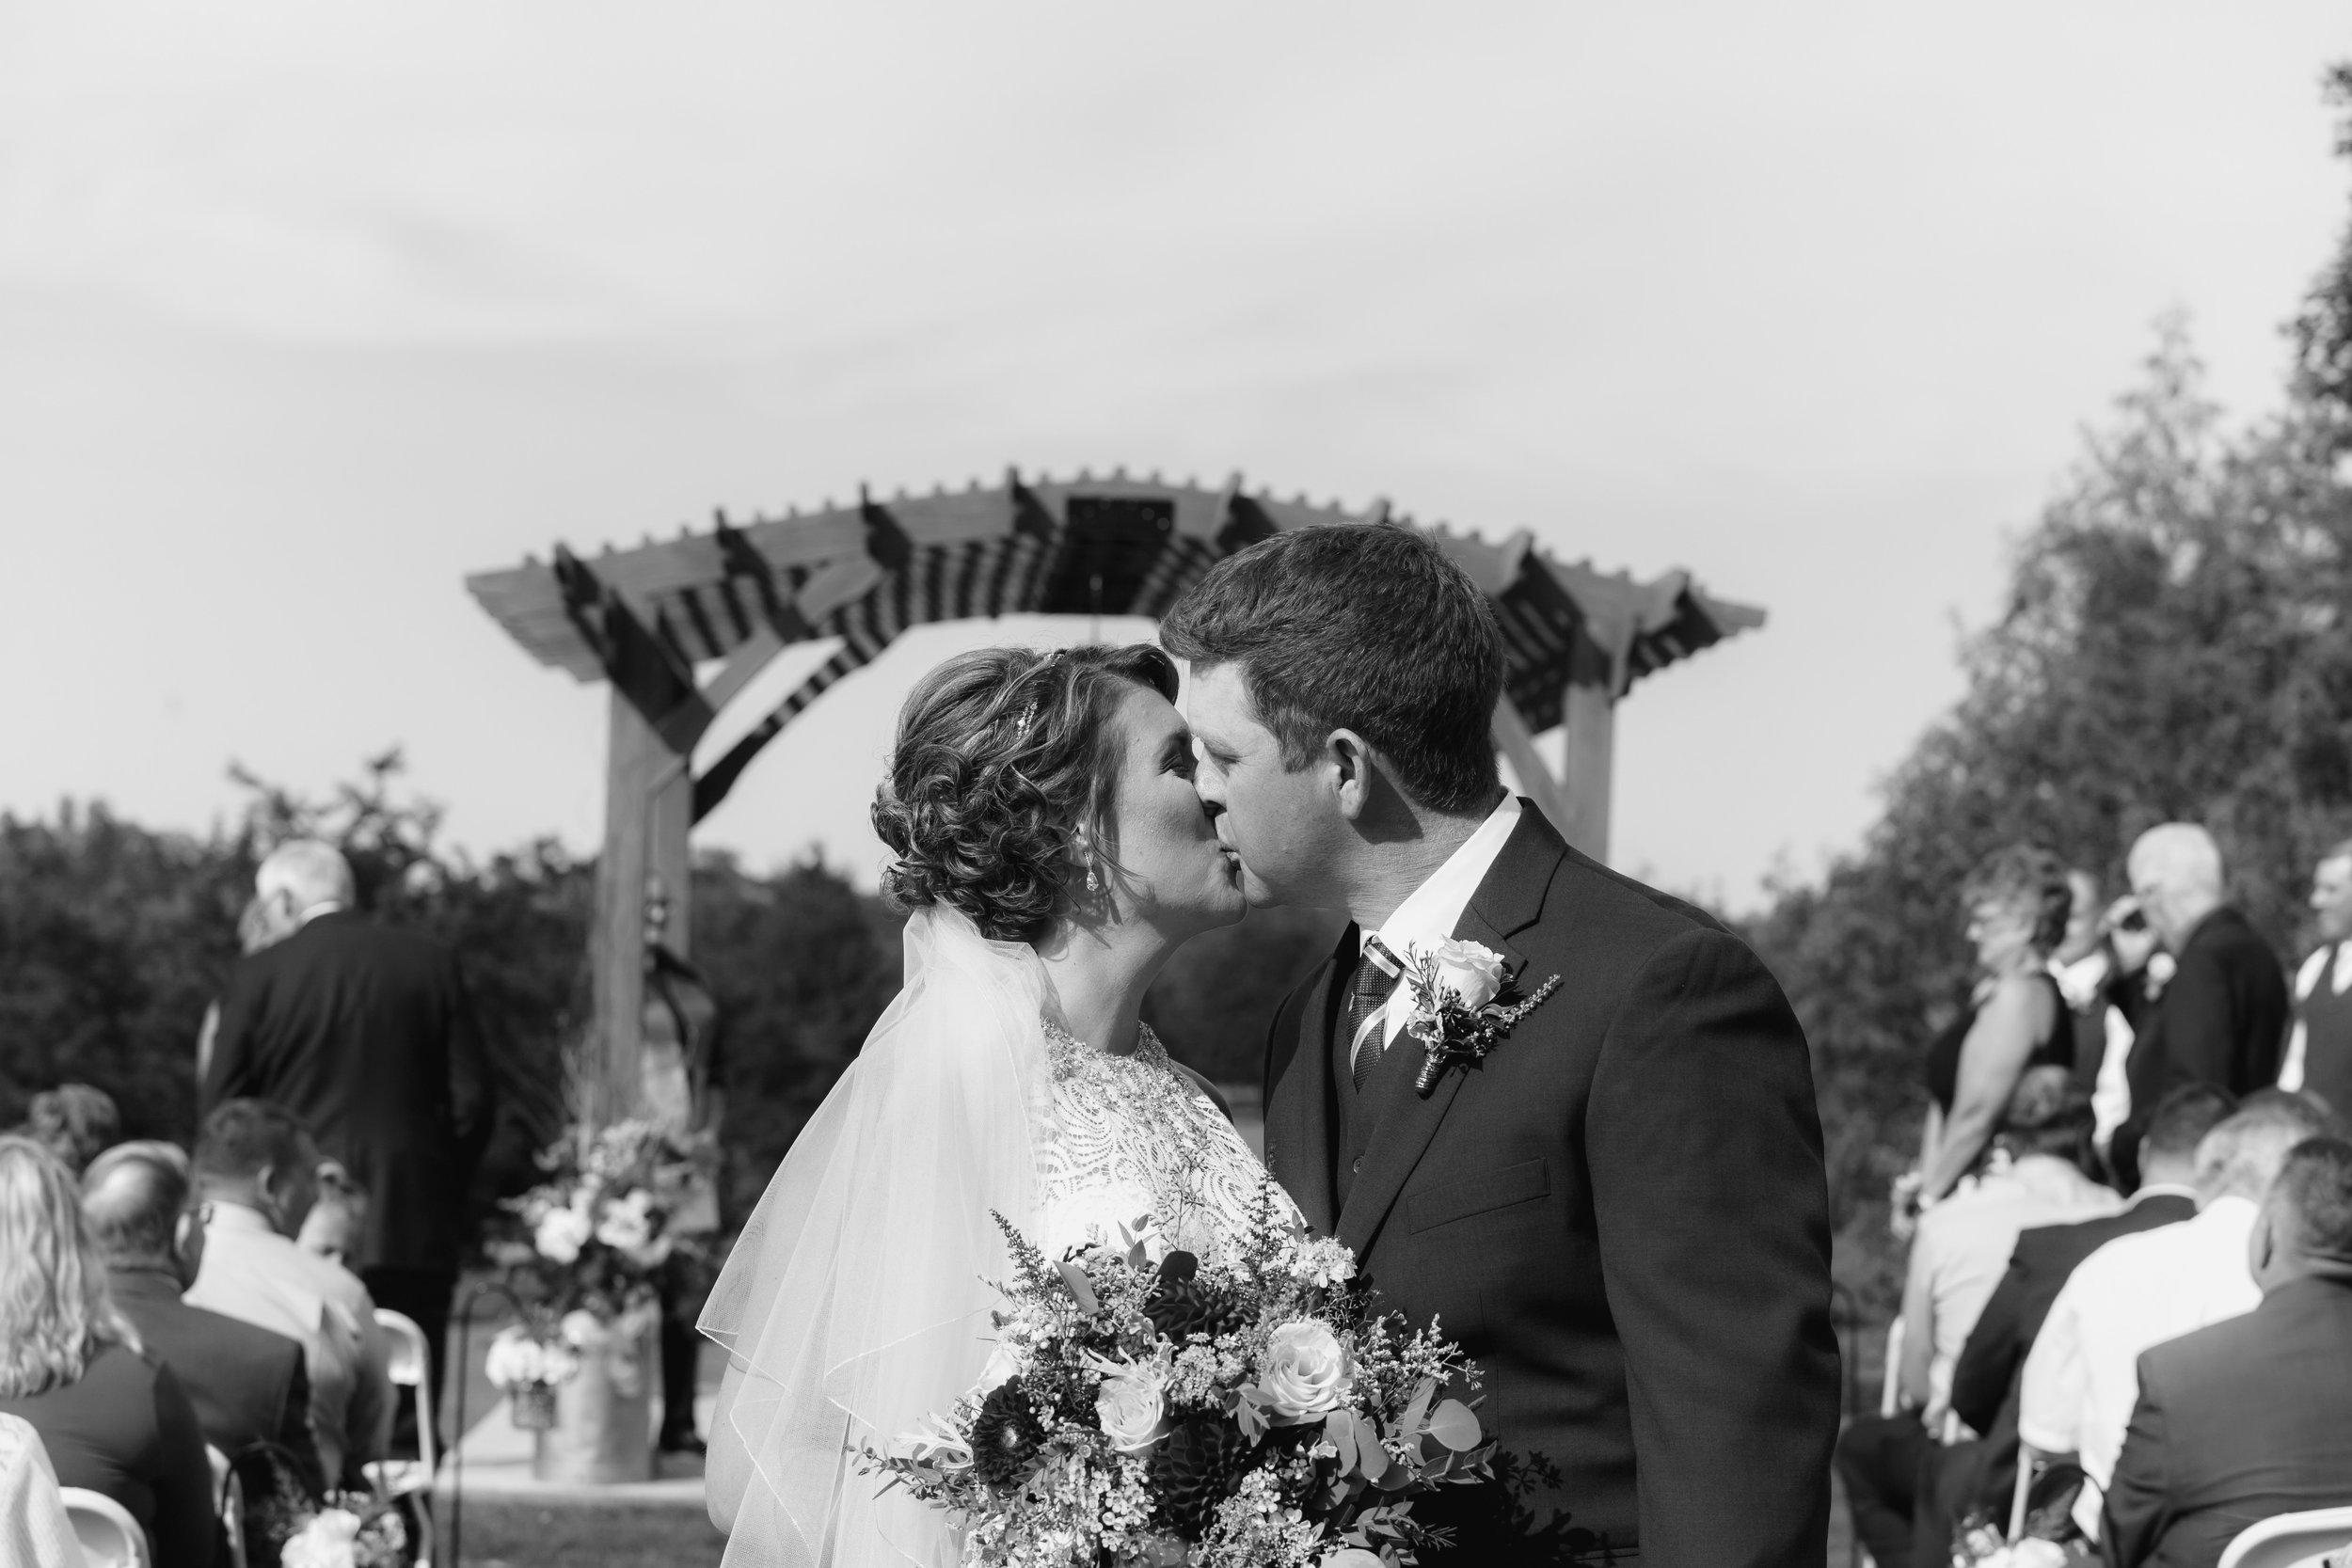 Anne & Jon Hunsberger - Married September 1st, 2017The Ballroom